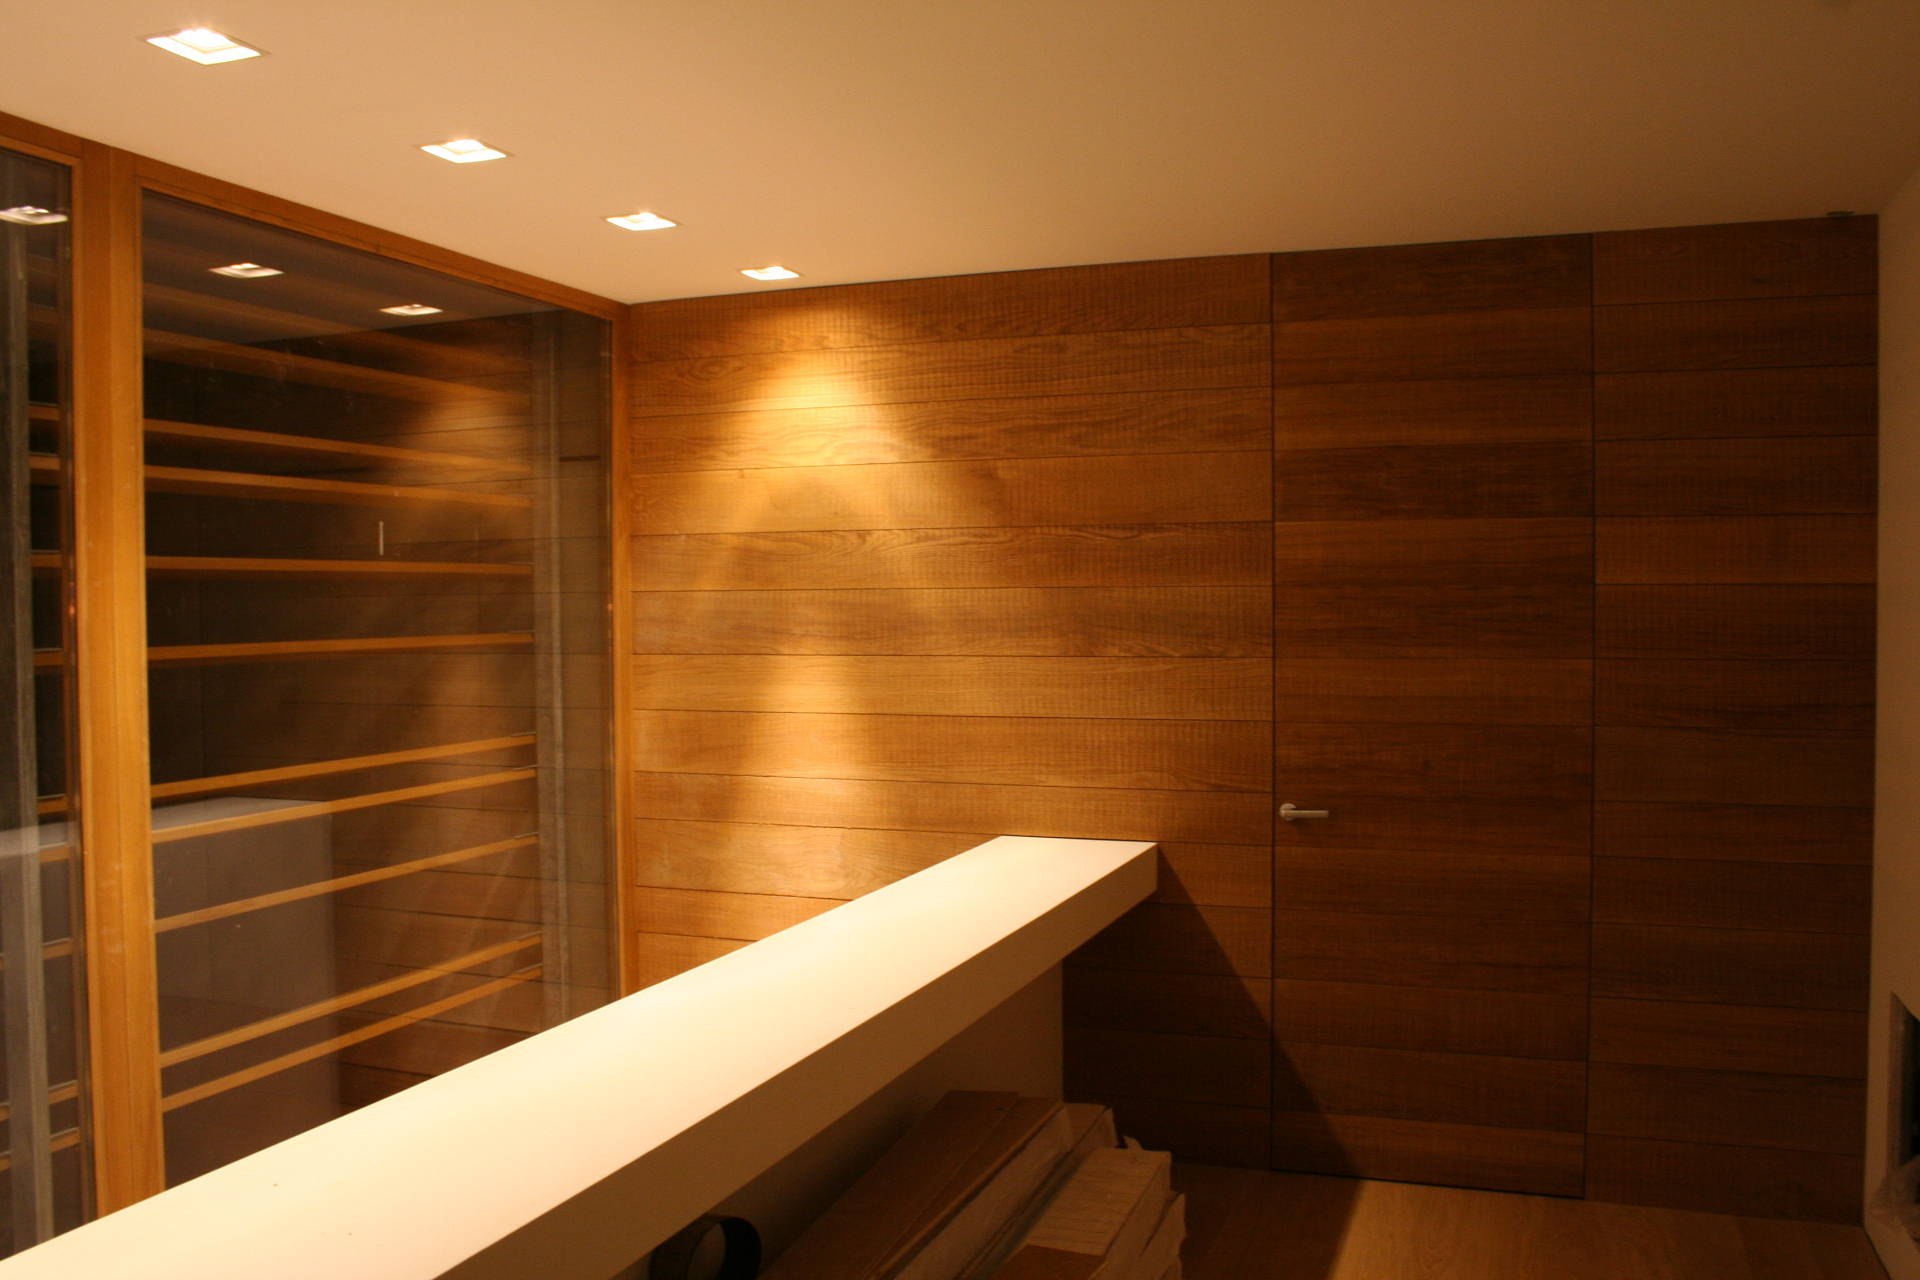 Rivestimenti in legno su misura per interni - Rivestimenti x pareti interne ...